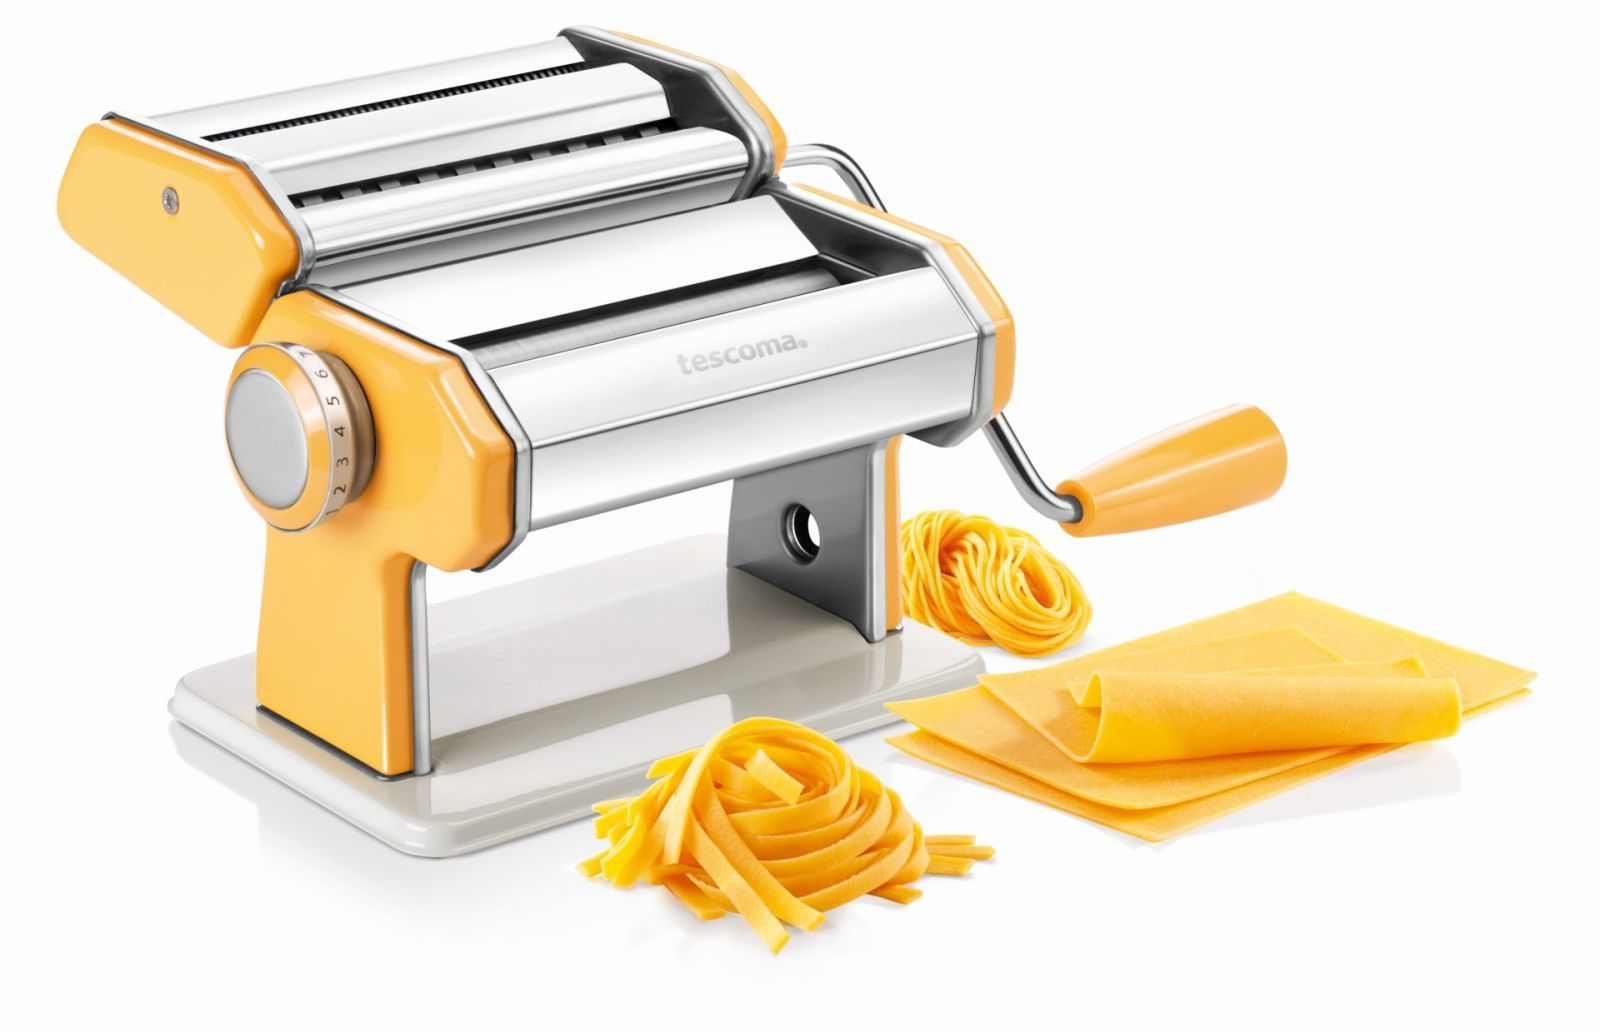 Natale idee regalo tra accessori attrezzi e utensili cucina